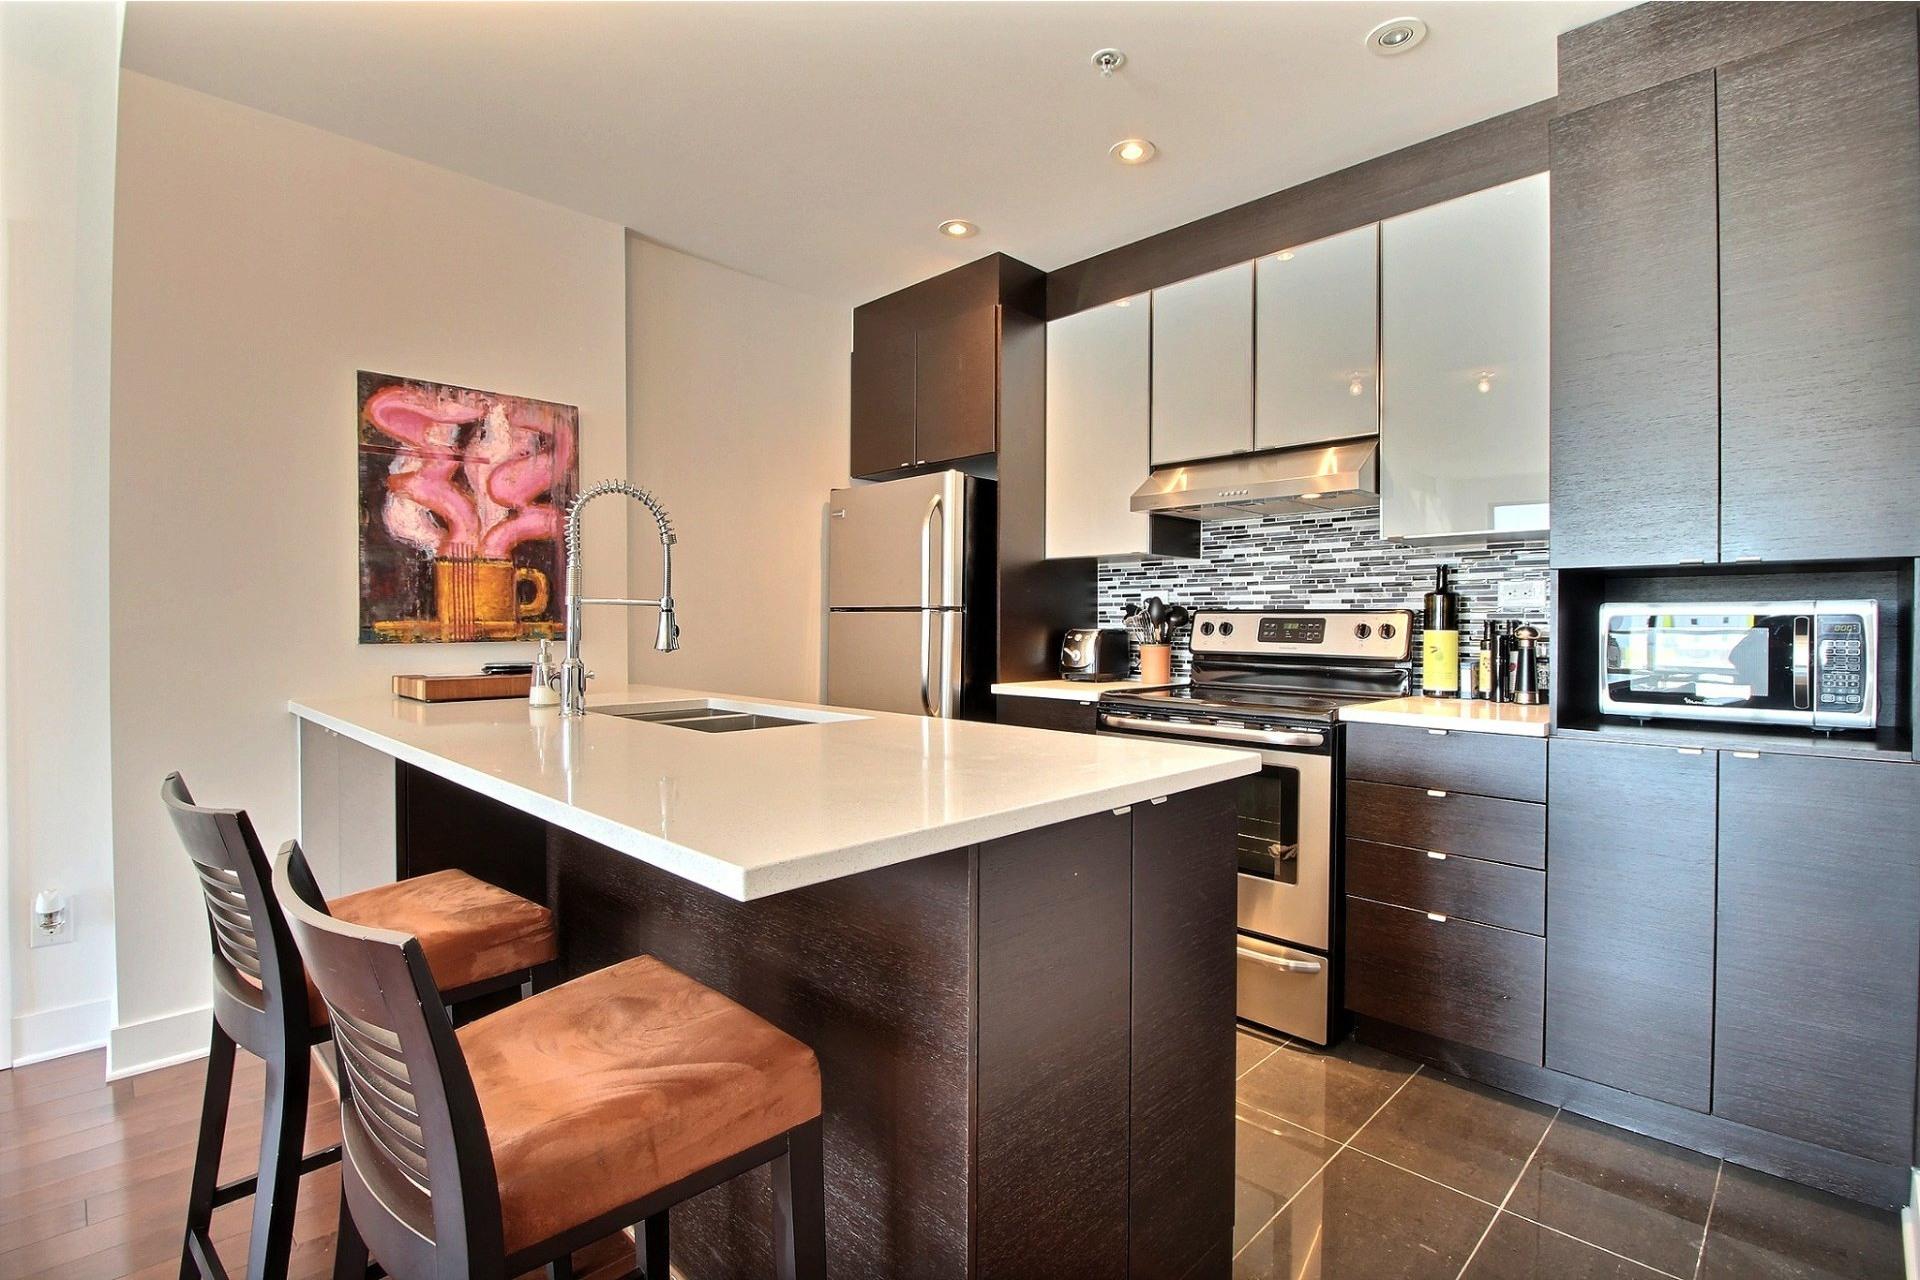 image 17 - Apartment For rent Côte-des-Neiges/Notre-Dame-de-Grâce Montréal  - 4 rooms